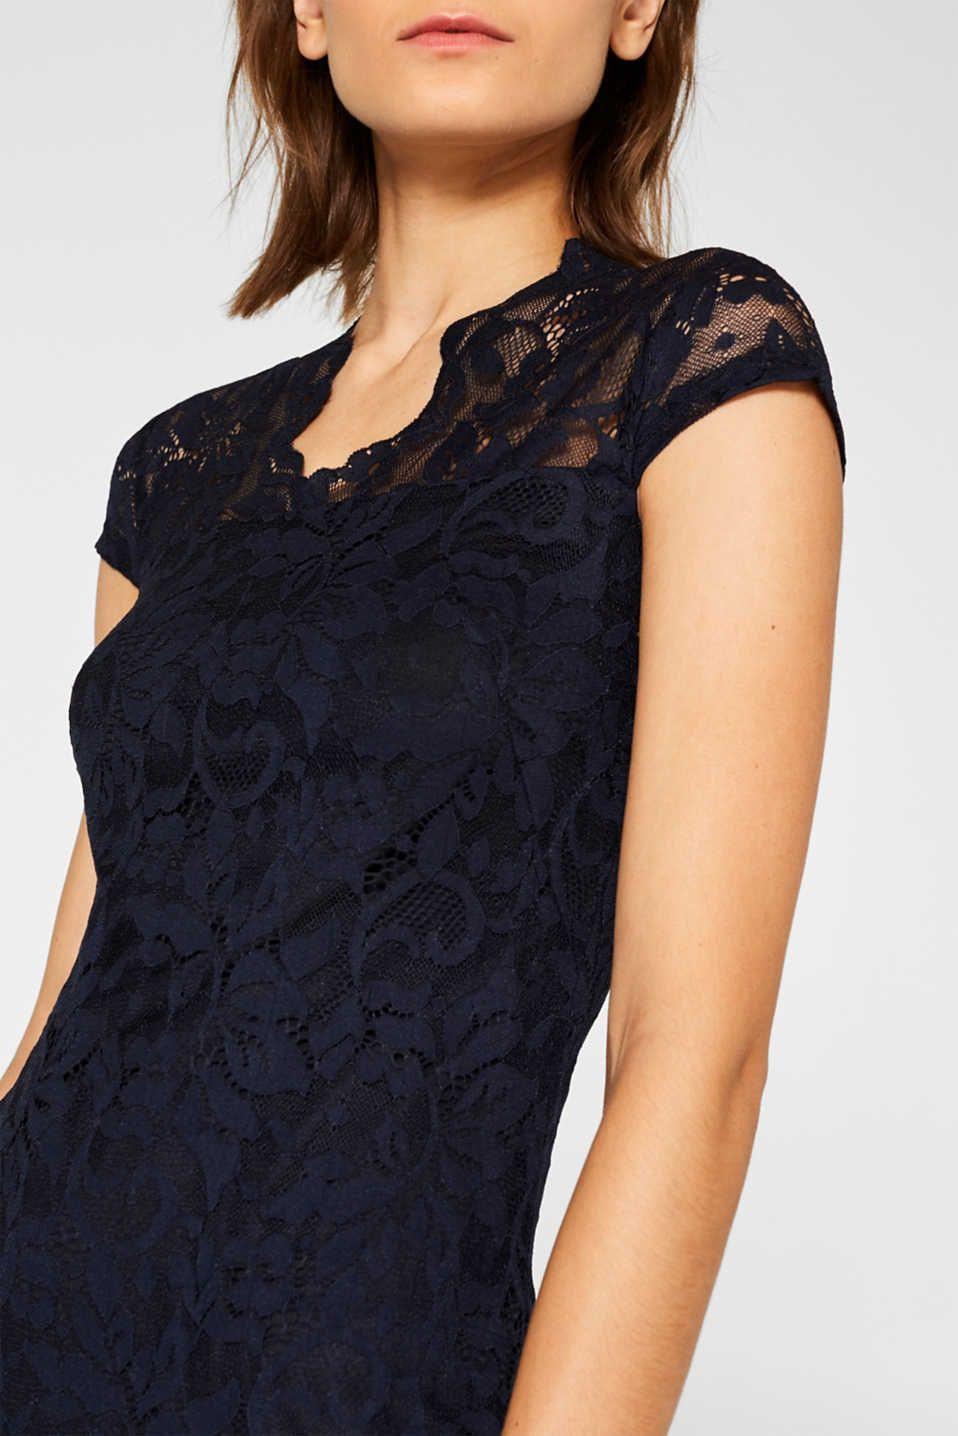 Etui-Kleid Aus Spitze Mit Stretchkomfort | Esprit | Kleid